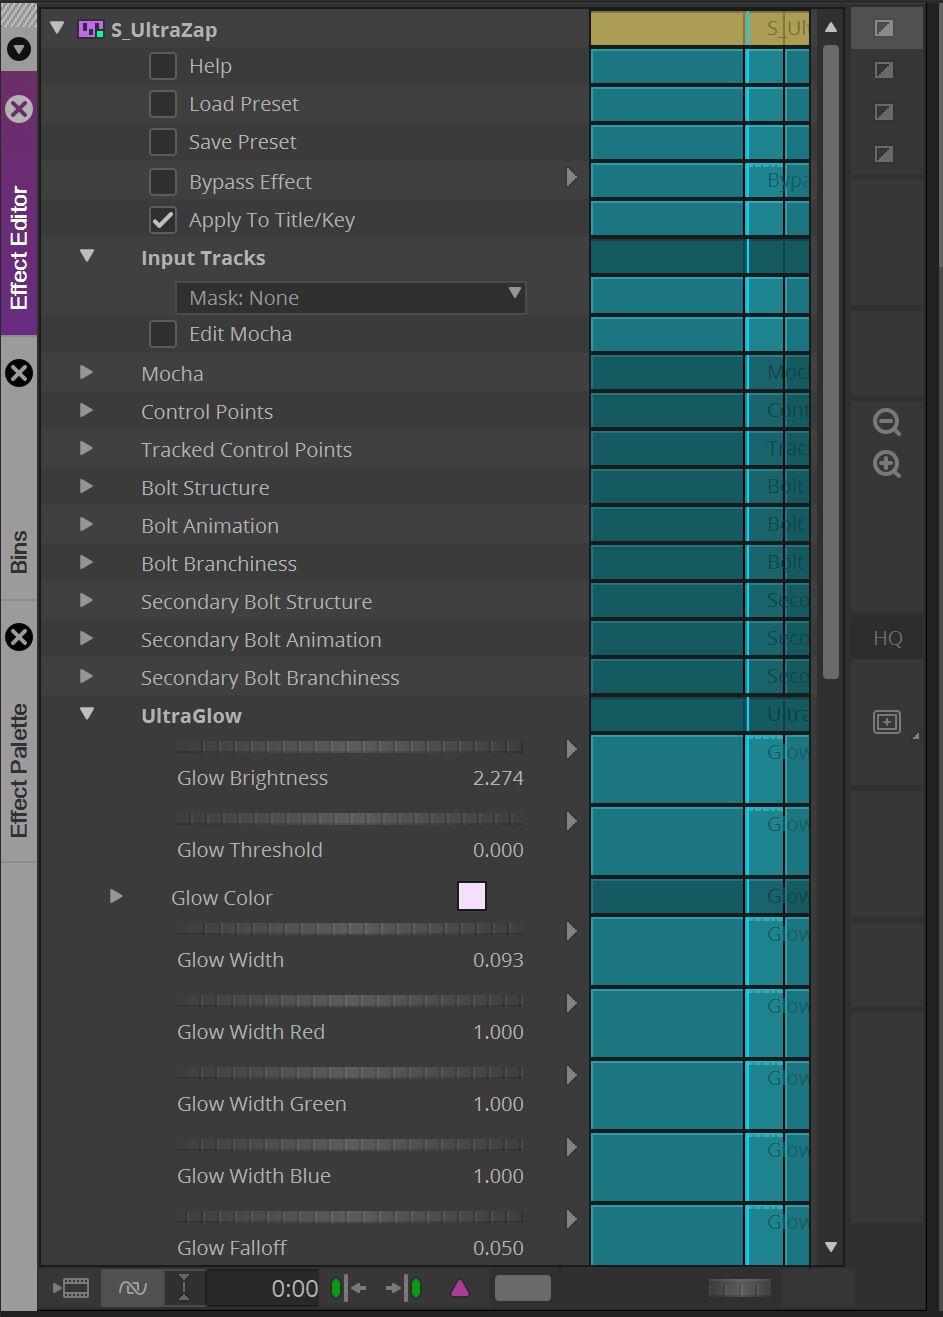 Sapphire 2021 - S_UltraZap Effect Editor